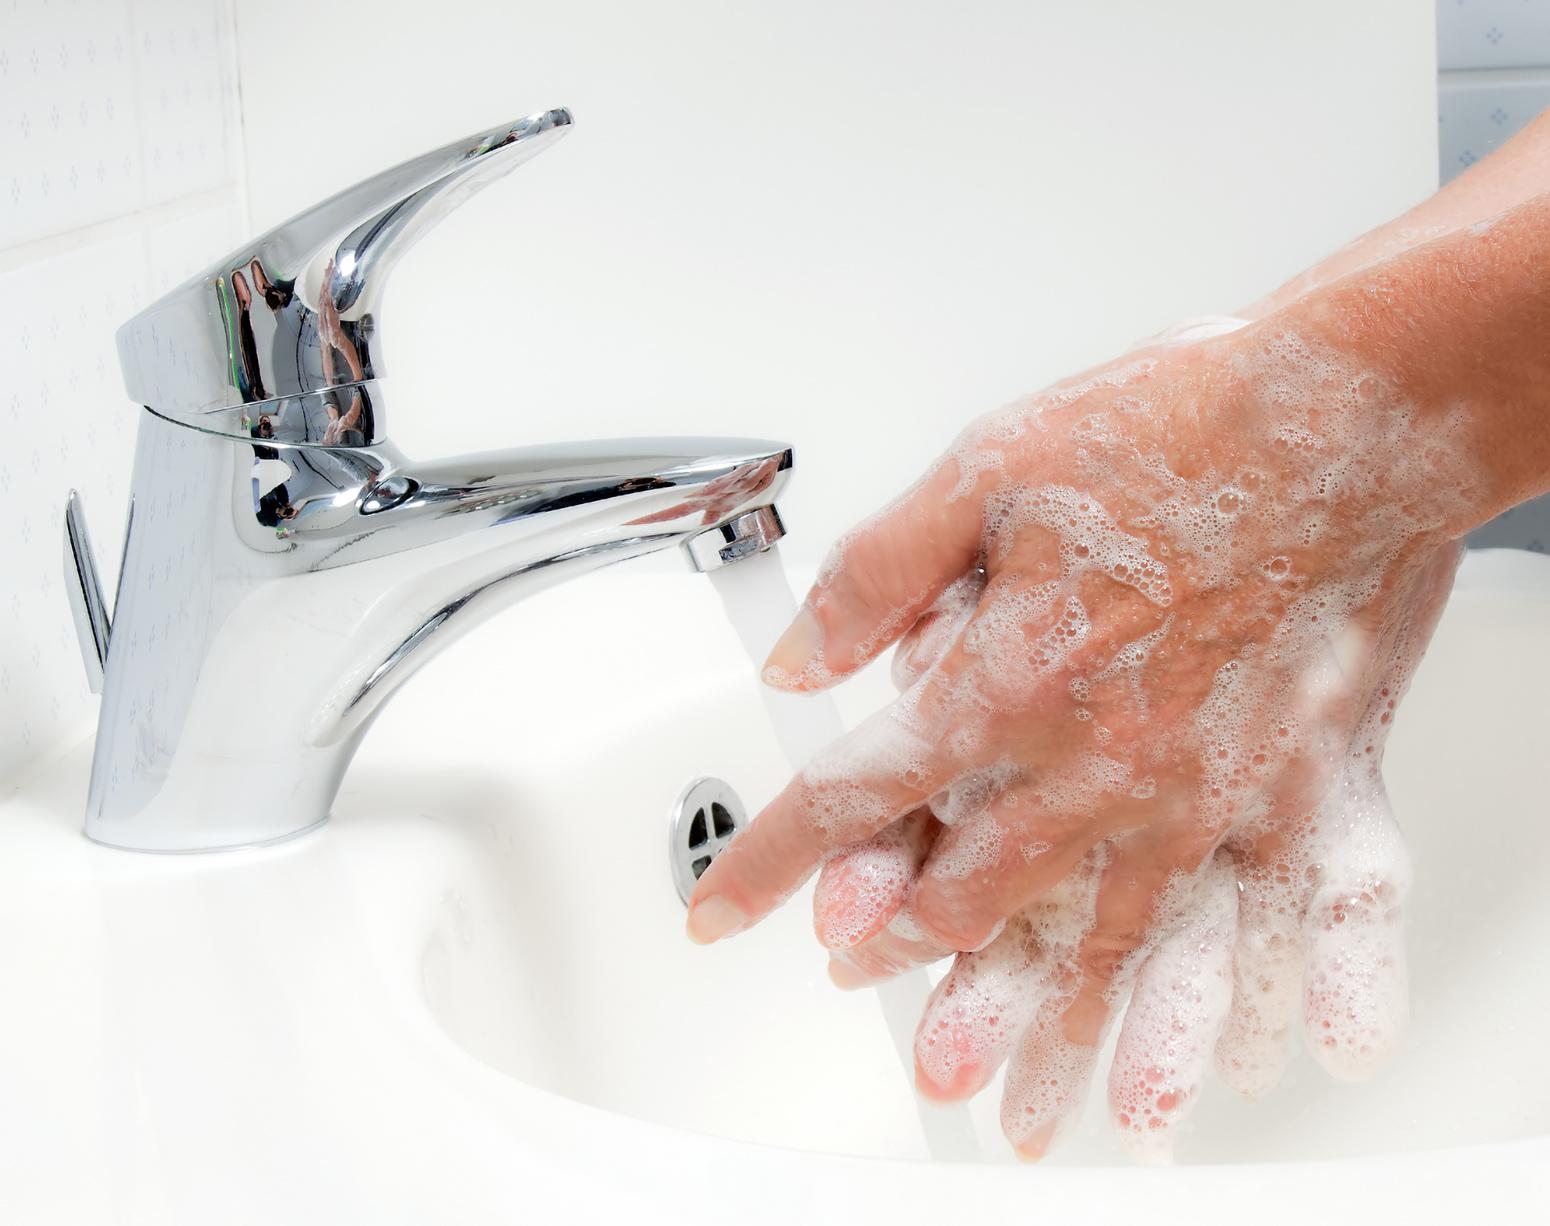 Frau wäscht sich mit fließendem wasser und Seife die Hände. Schutz vor Infektion der neuen Grippe.